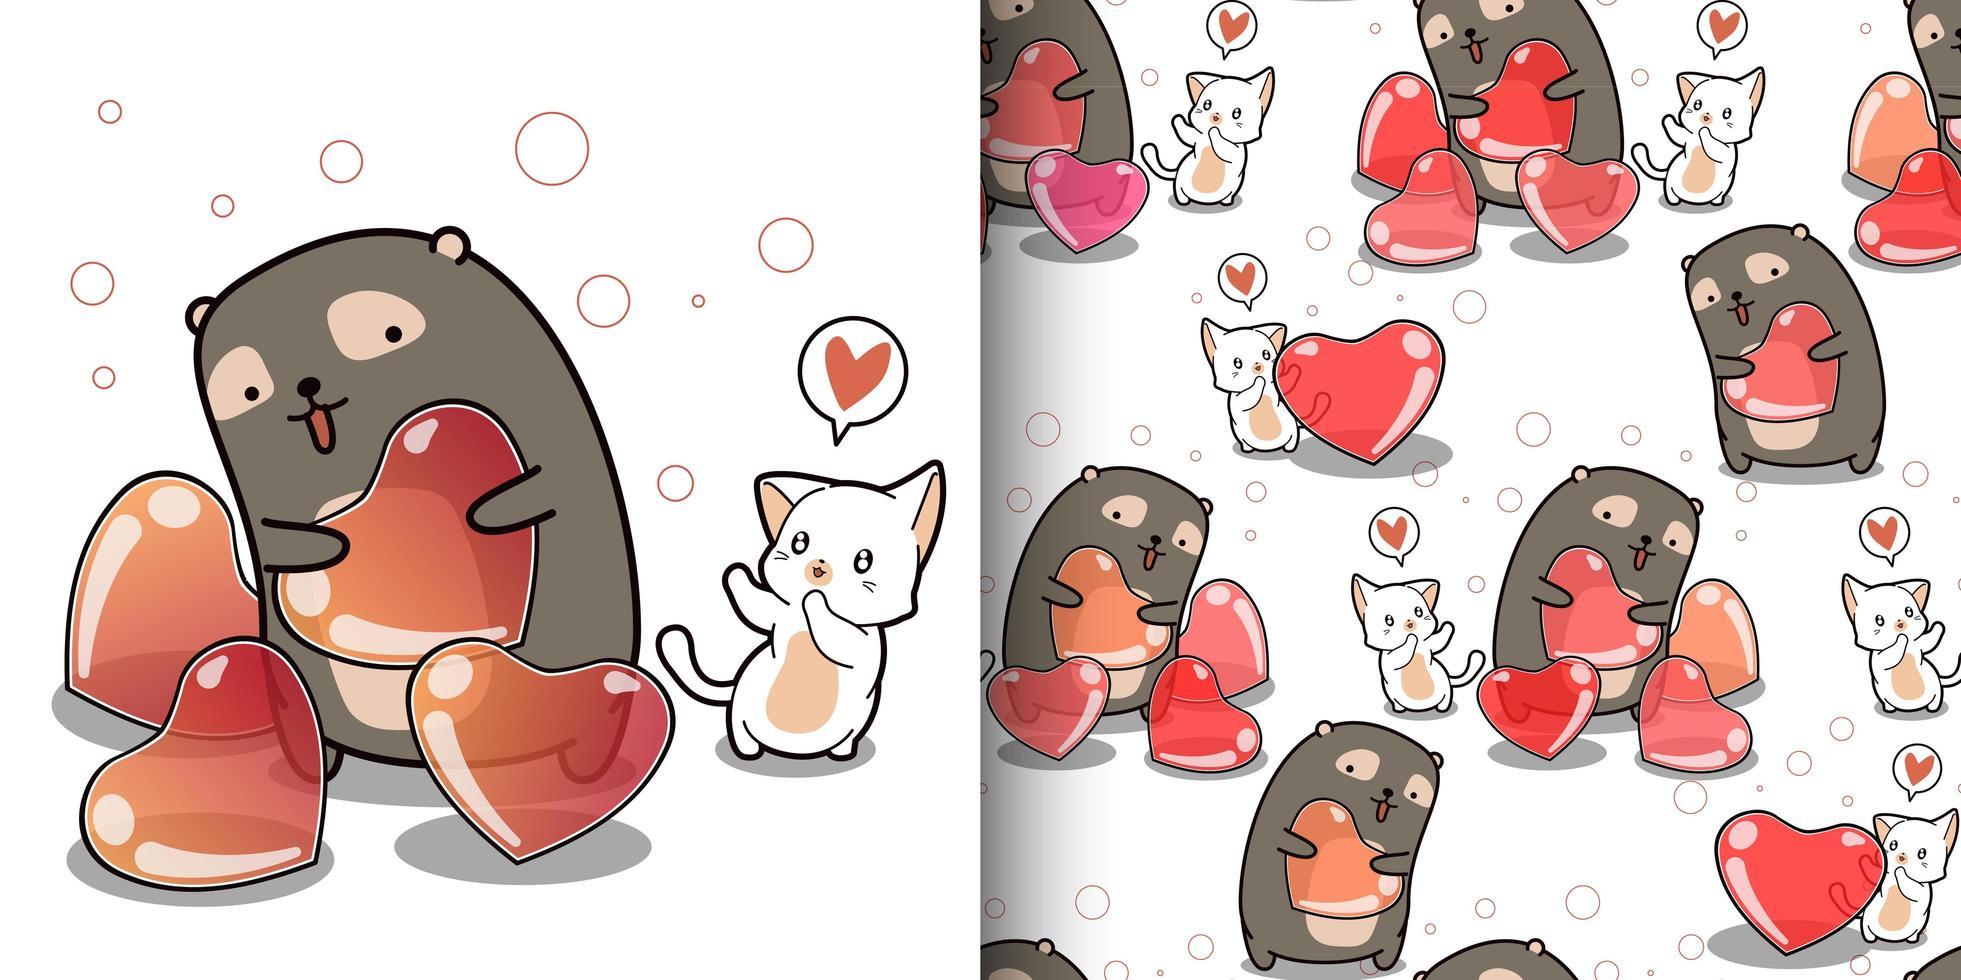 sömlösa mönster kawaii katt vill ha hjärta från söt björn vektor